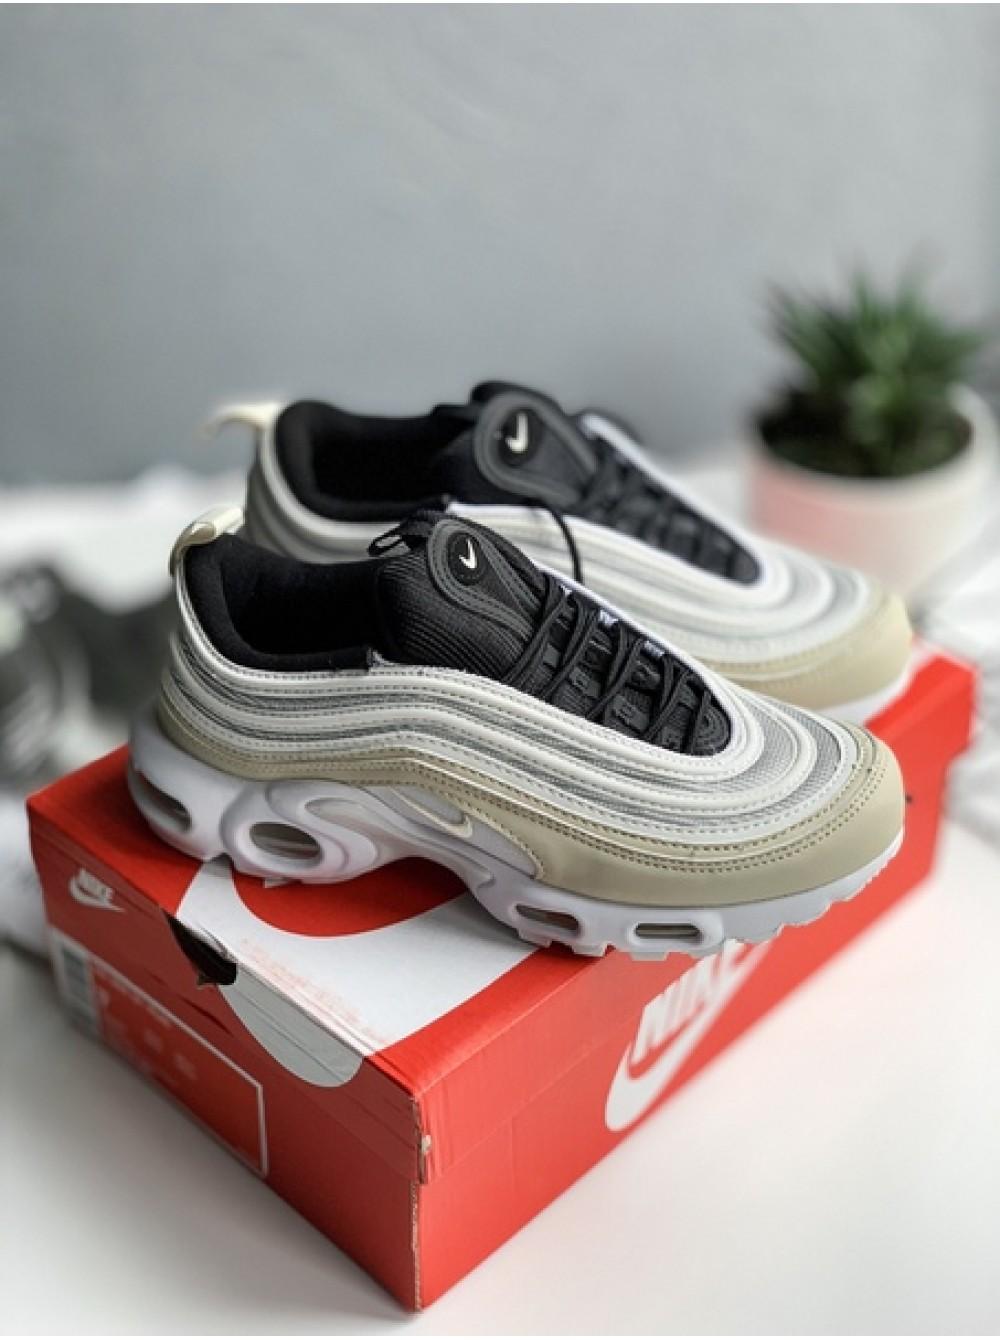 hot sale online e244c 779d3 Кроссовки Nike Air Jordan 11 Retro Low (GG) (Black   Bleached Coral – White)